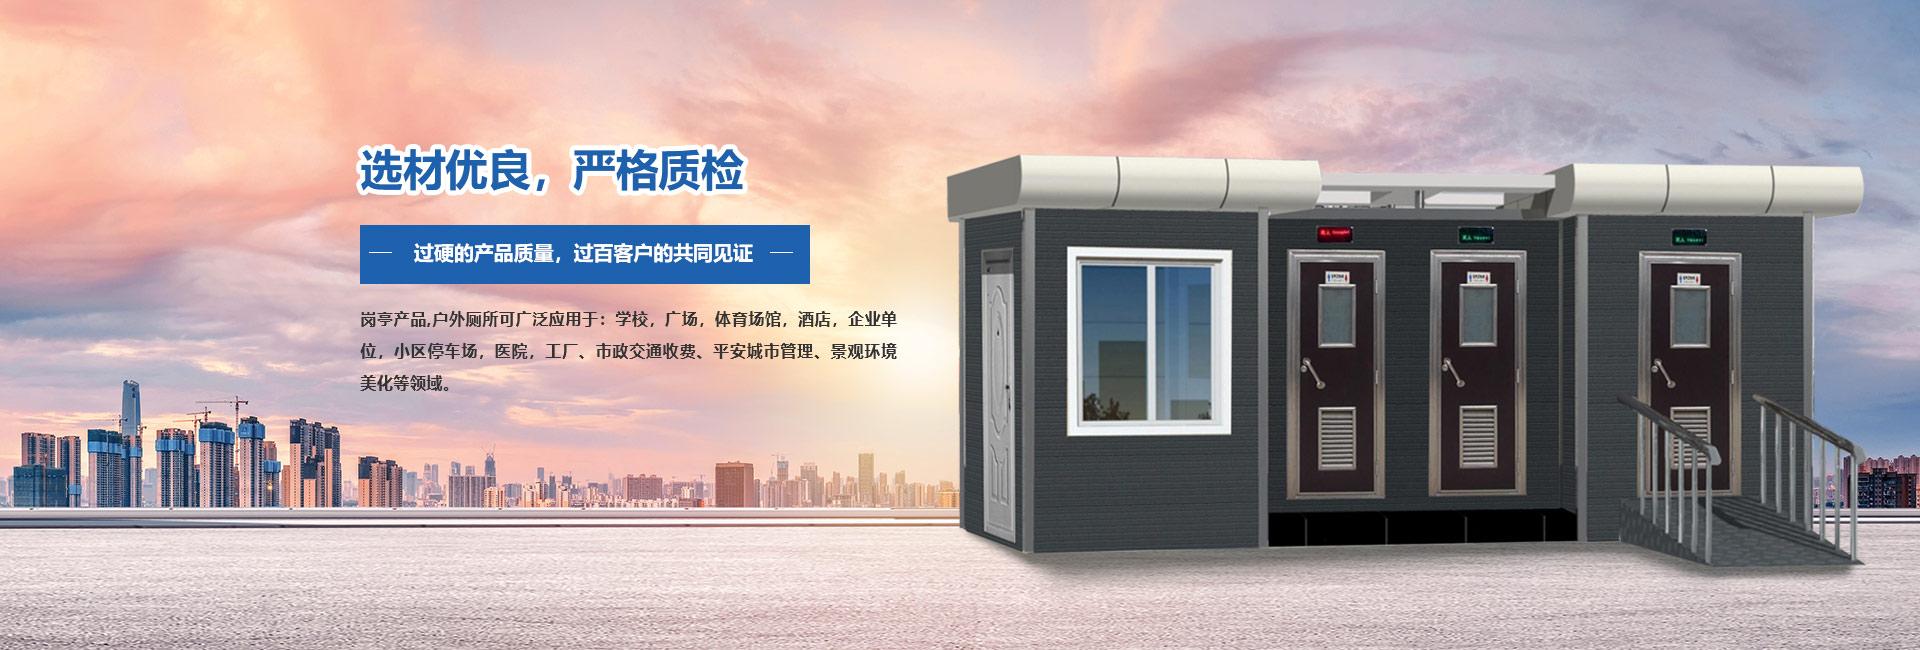 重庆佳际交通设施有限公司